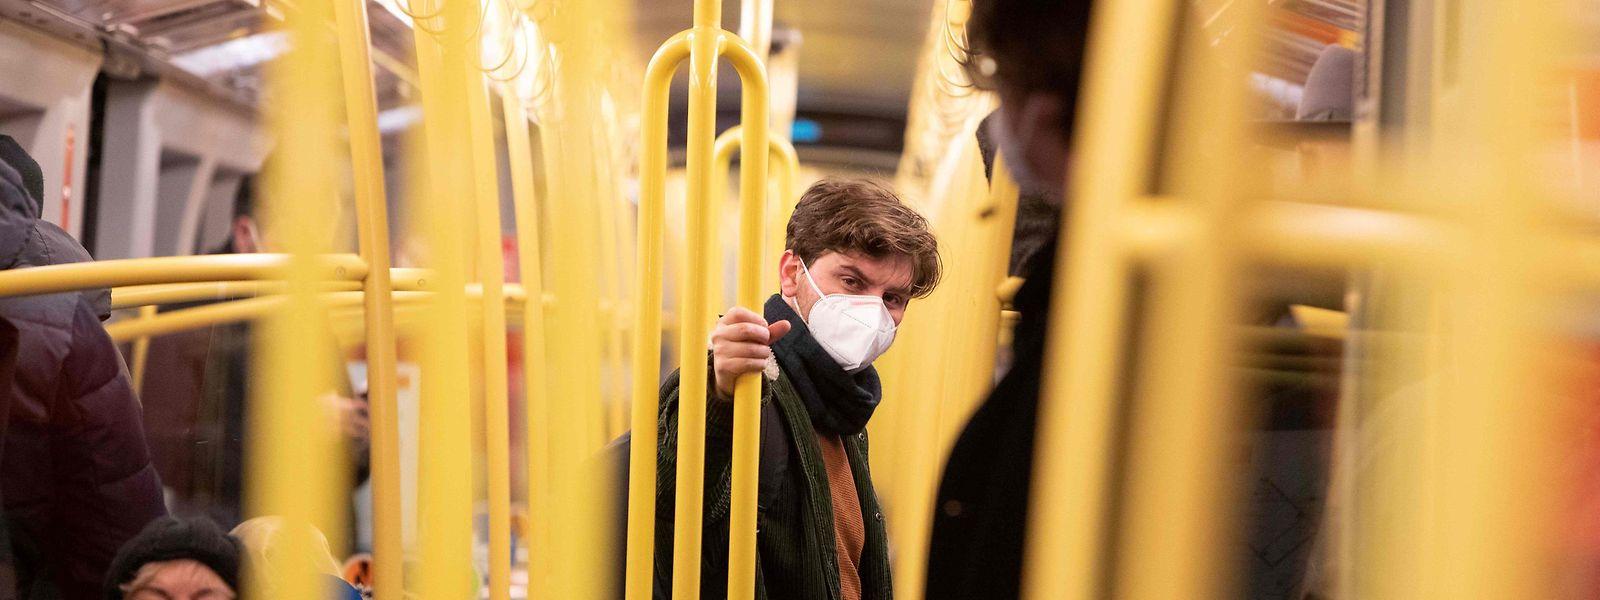 A Áustria foi dos primeiros países europeus a impor o uso de máscara do tipo FFP2 em transportes, espaços públicos e comércio.